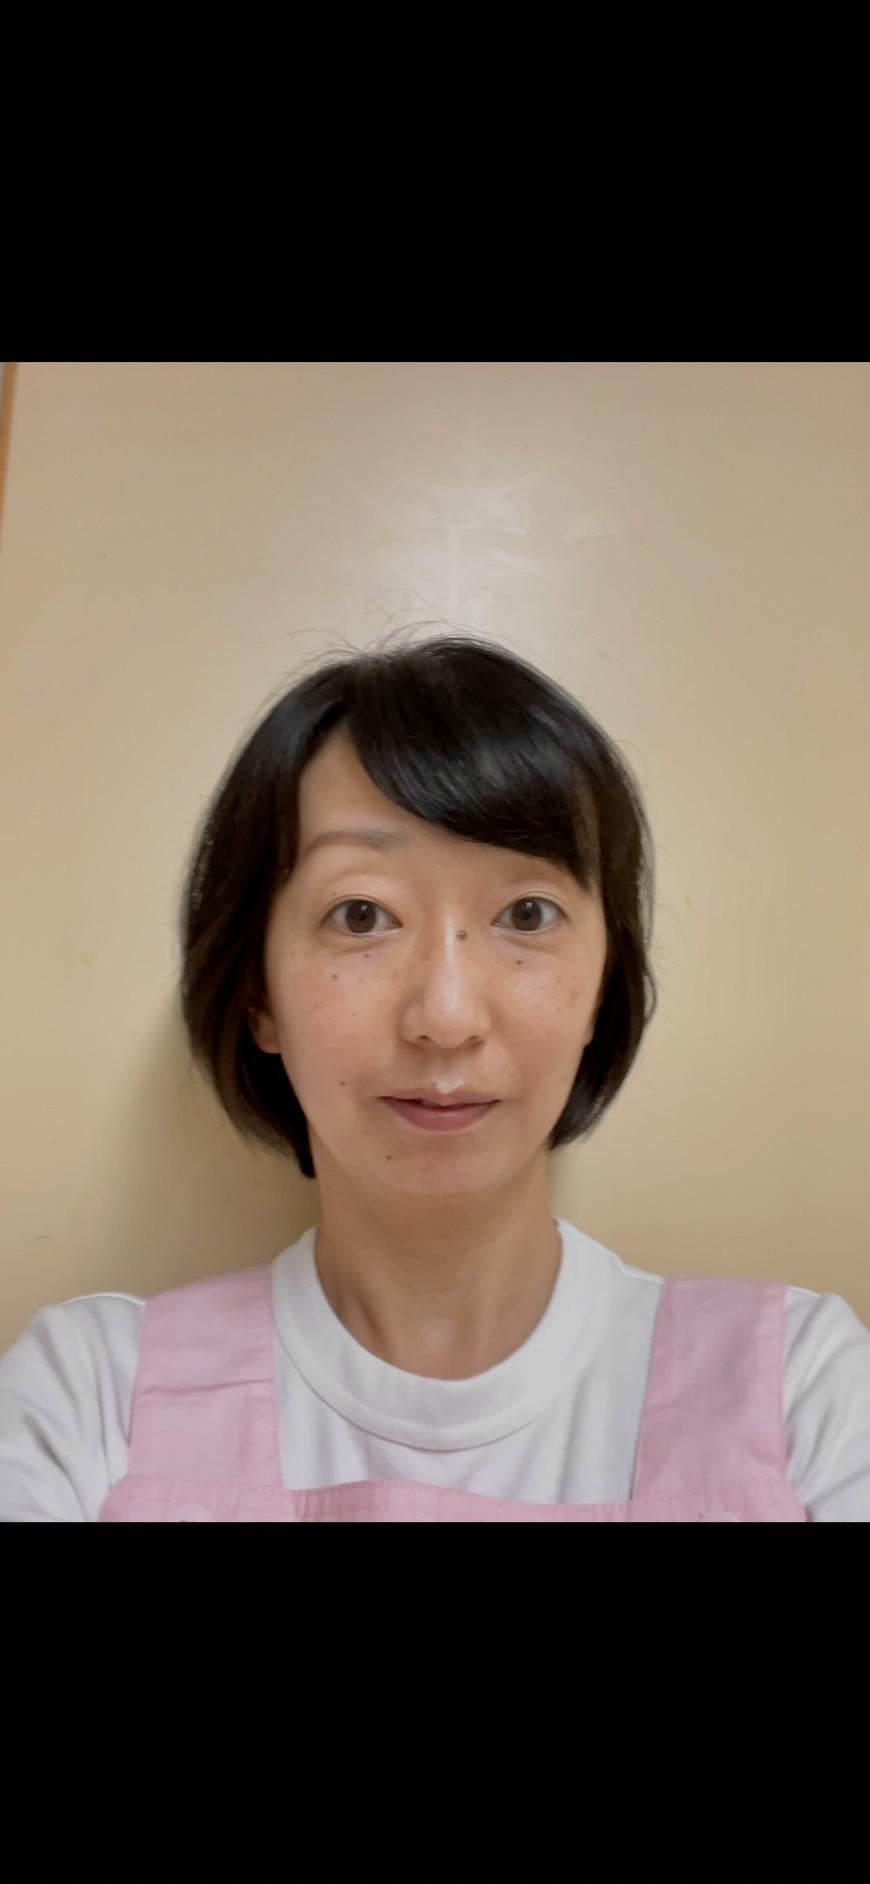 保育園夢未来 錦糸町園の平野先生紹介